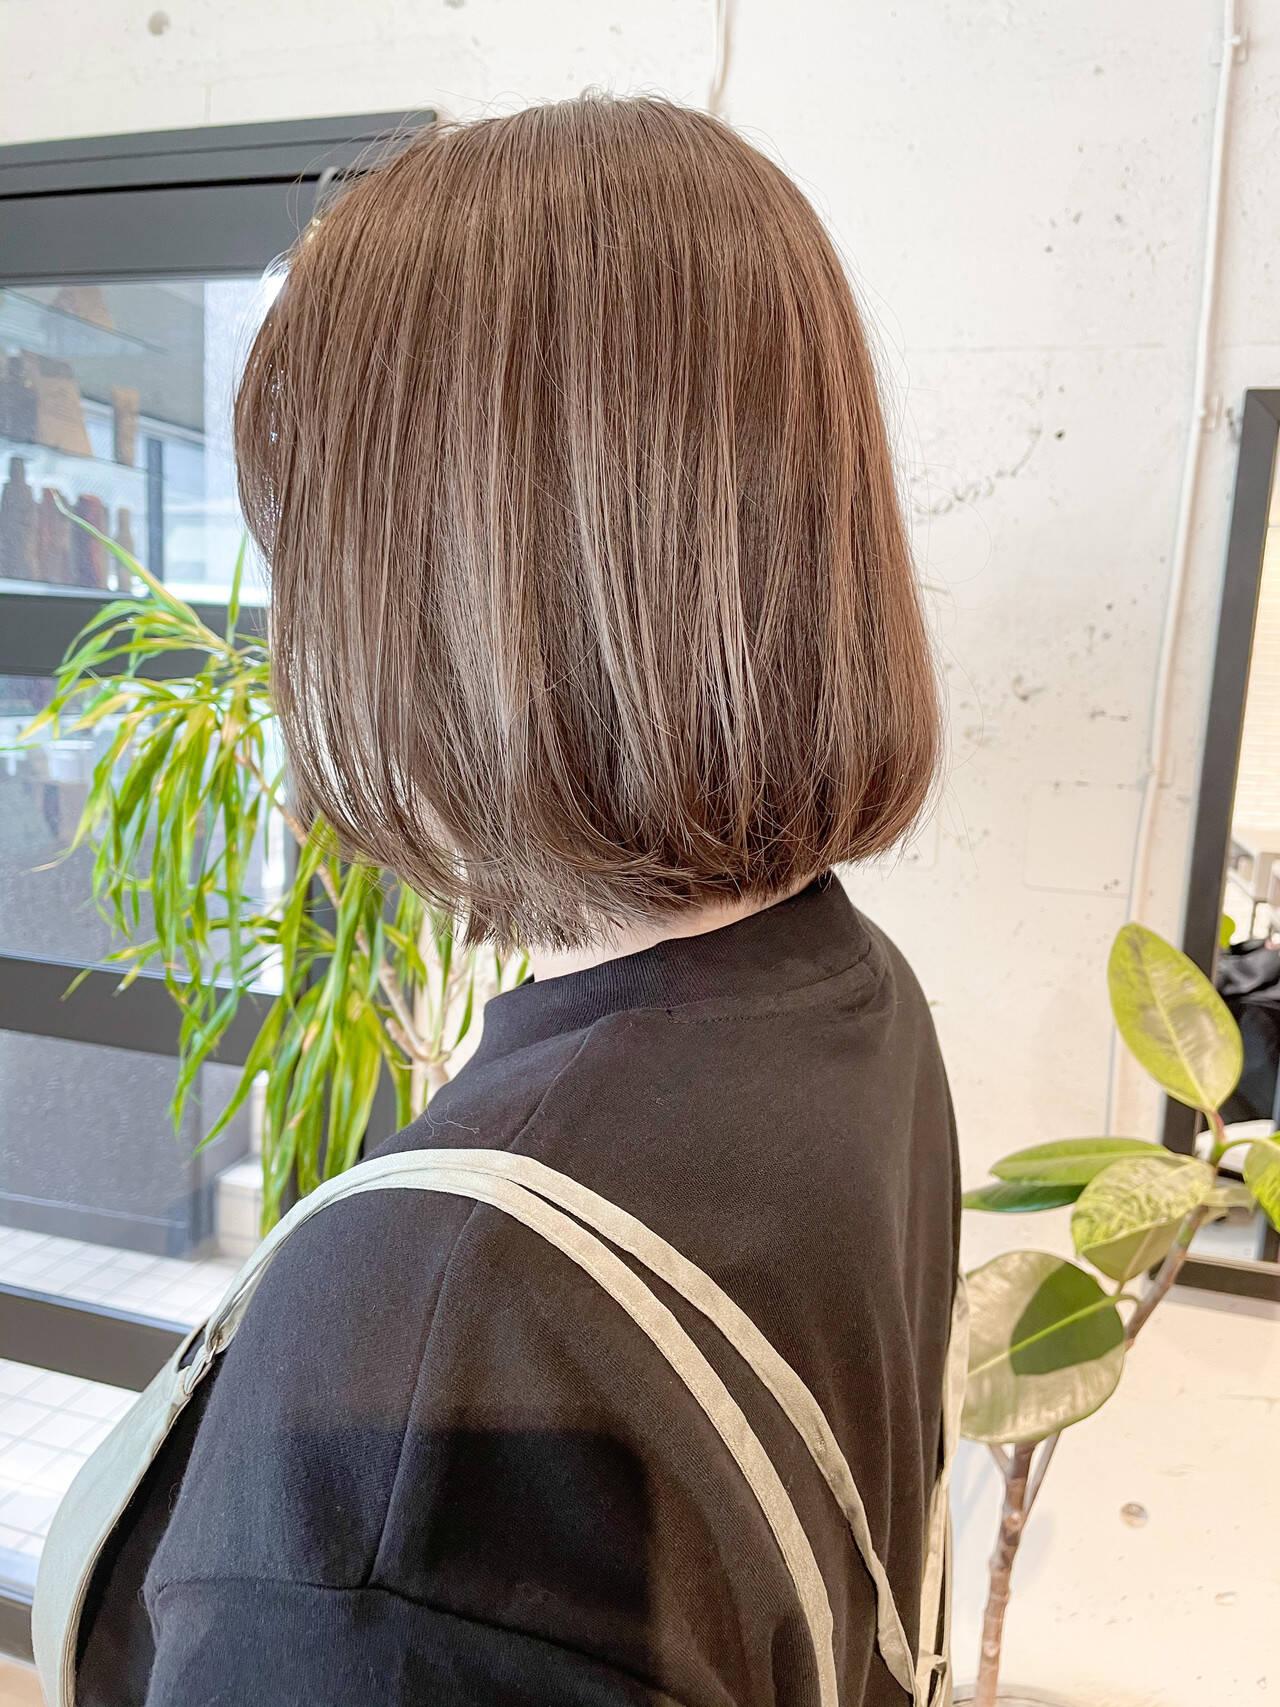 ナチュラル 透明感カラー 切りっぱなしボブ 韓国ヘアヘアスタイルや髪型の写真・画像